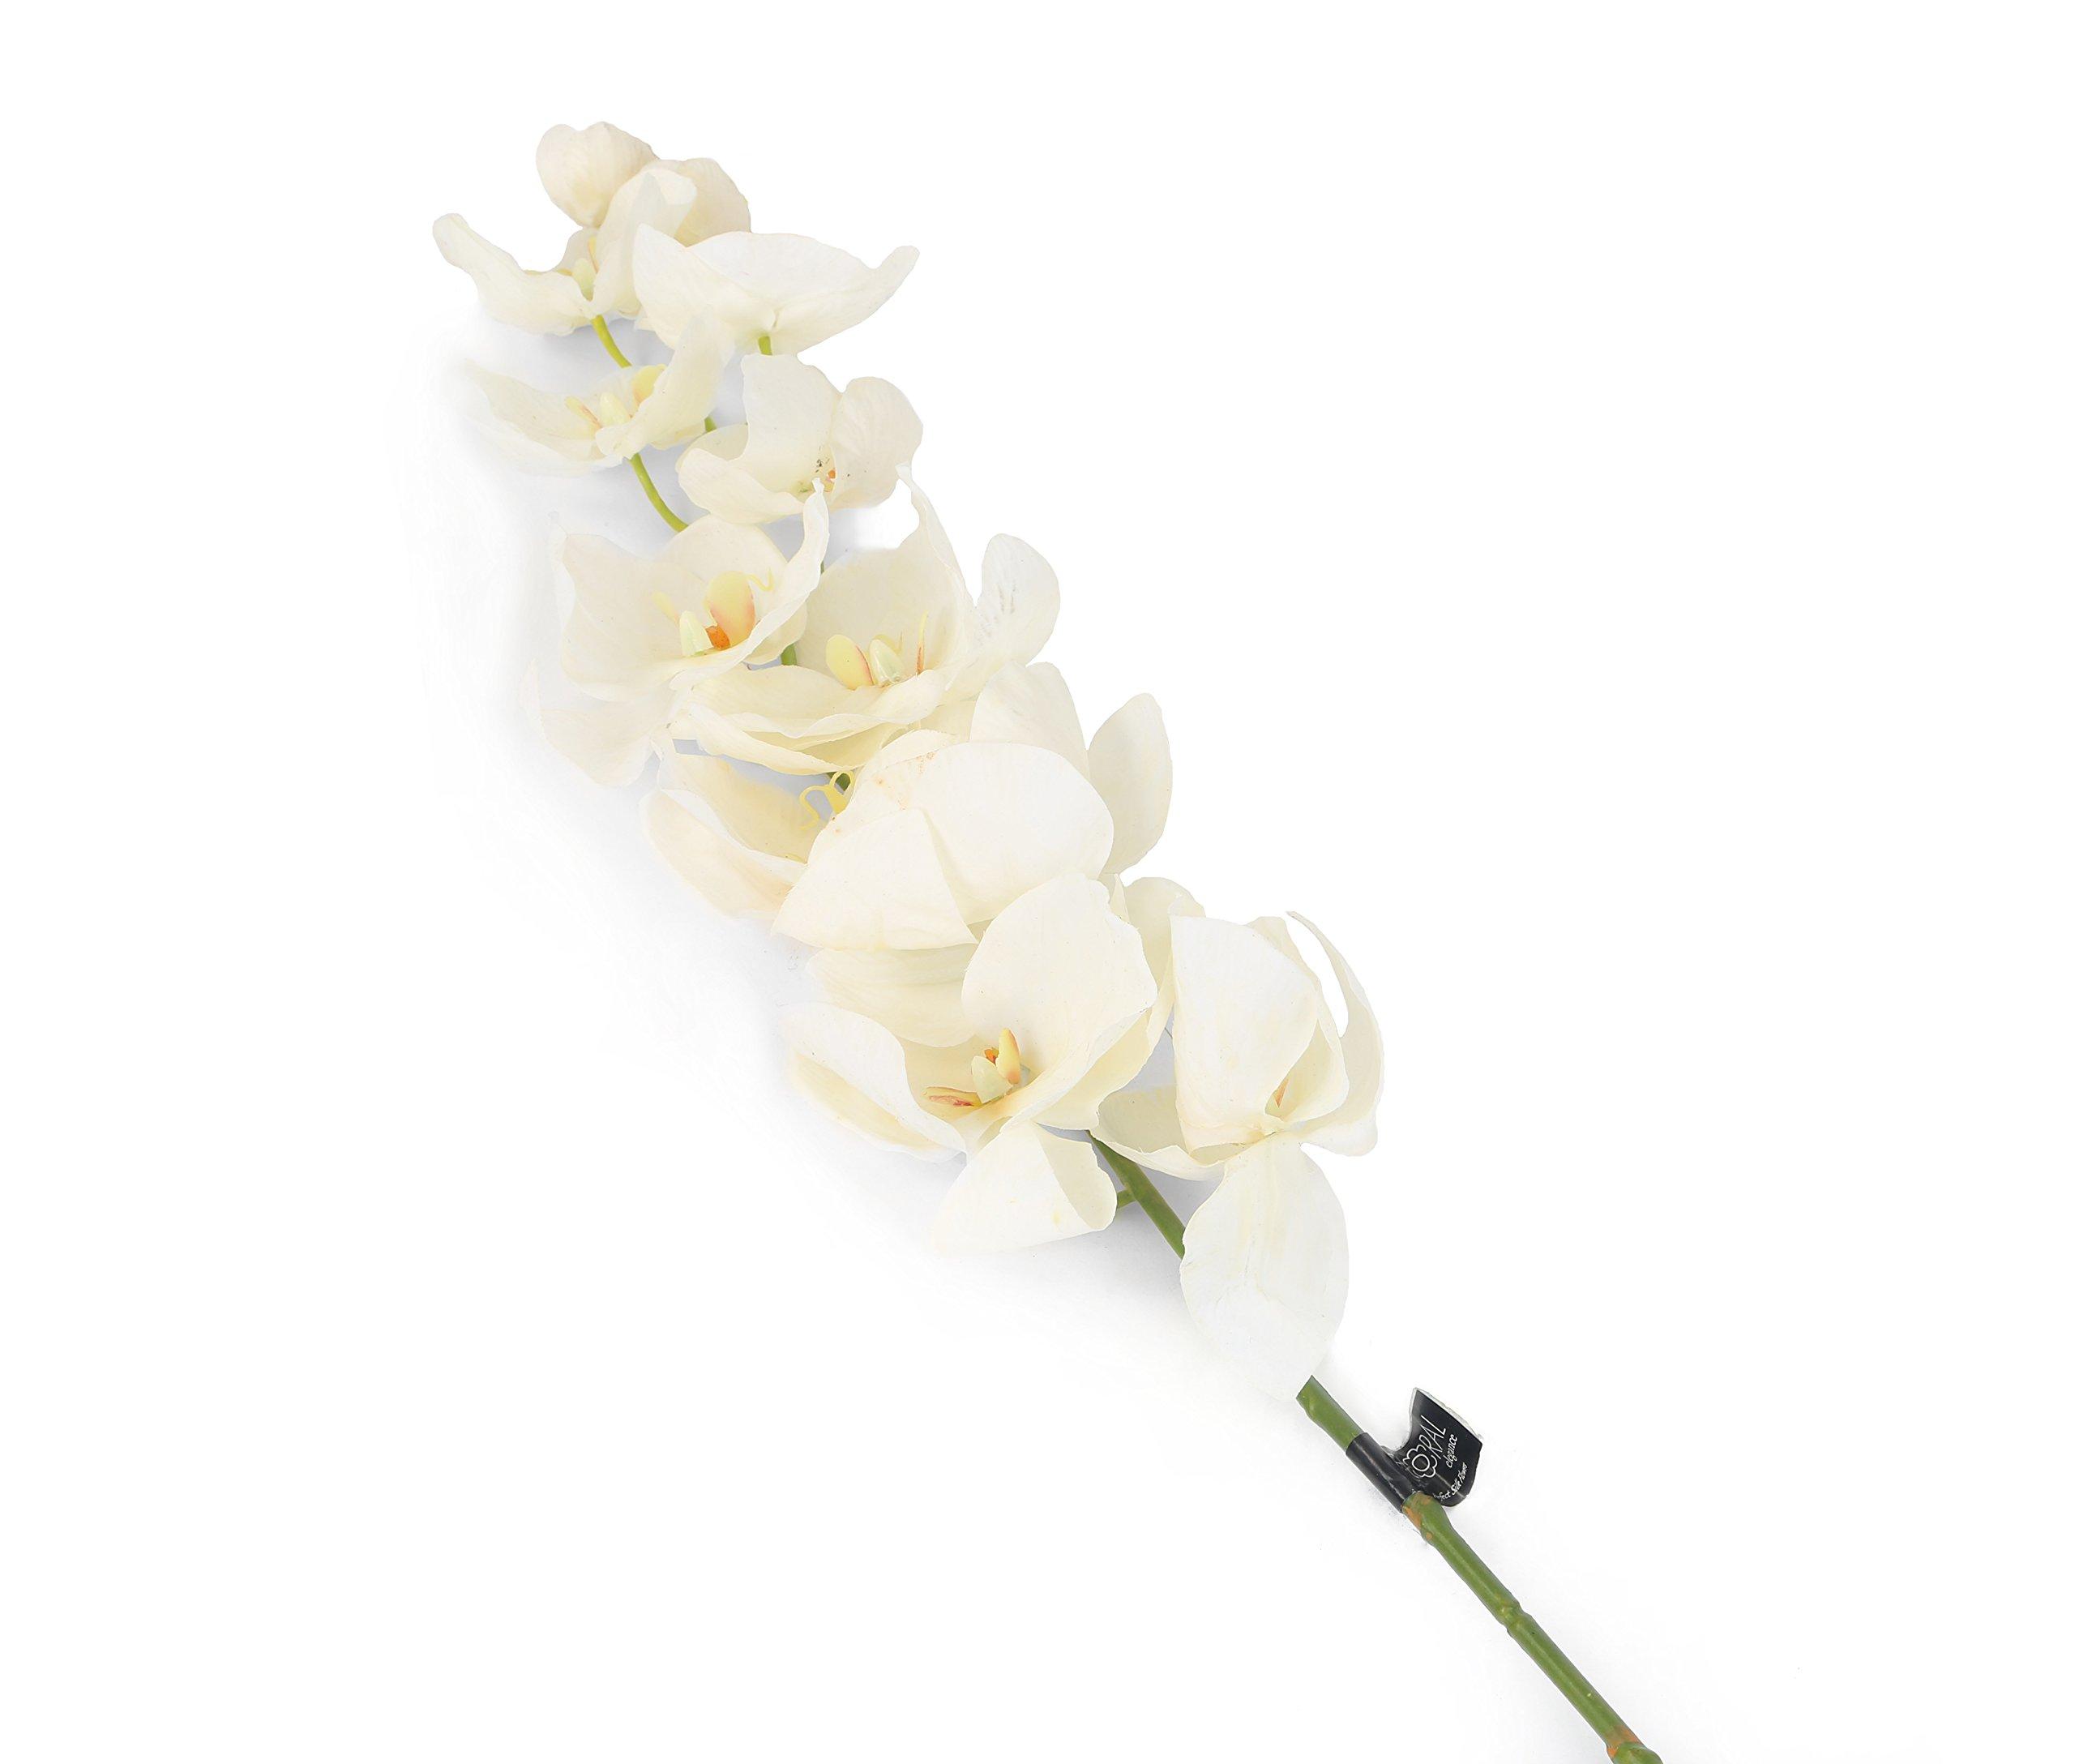 Floral Elegance 109cm Artificiales con Tallo único de orquídeas Artificiales, Blanco